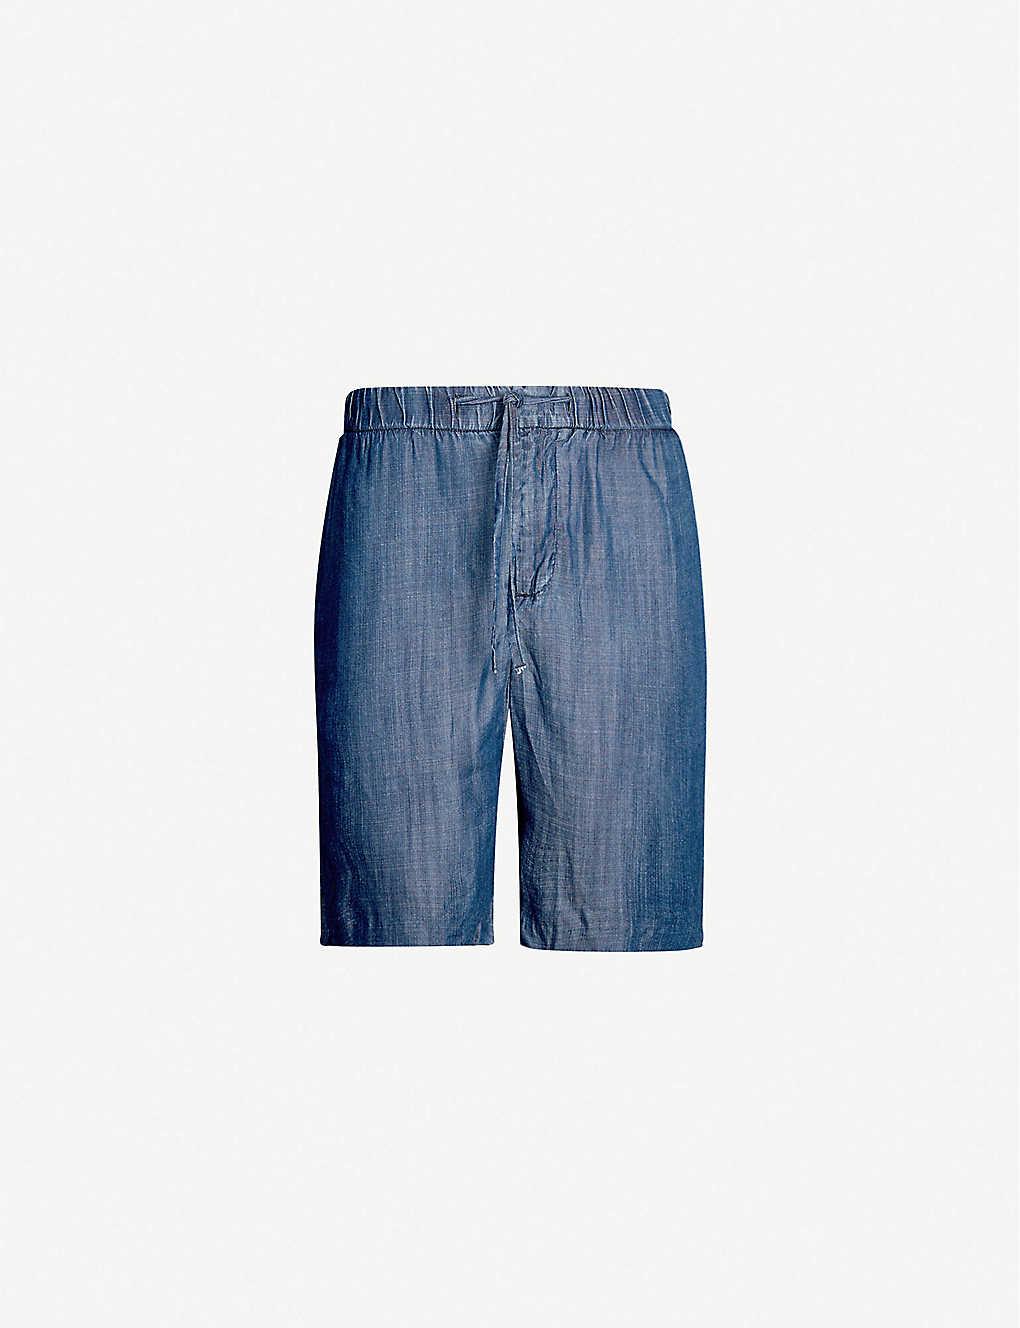 730ea5f8d6 FRESCOBOL CARIOCA - Relaxed-fit tencel shorts | Selfridges.com